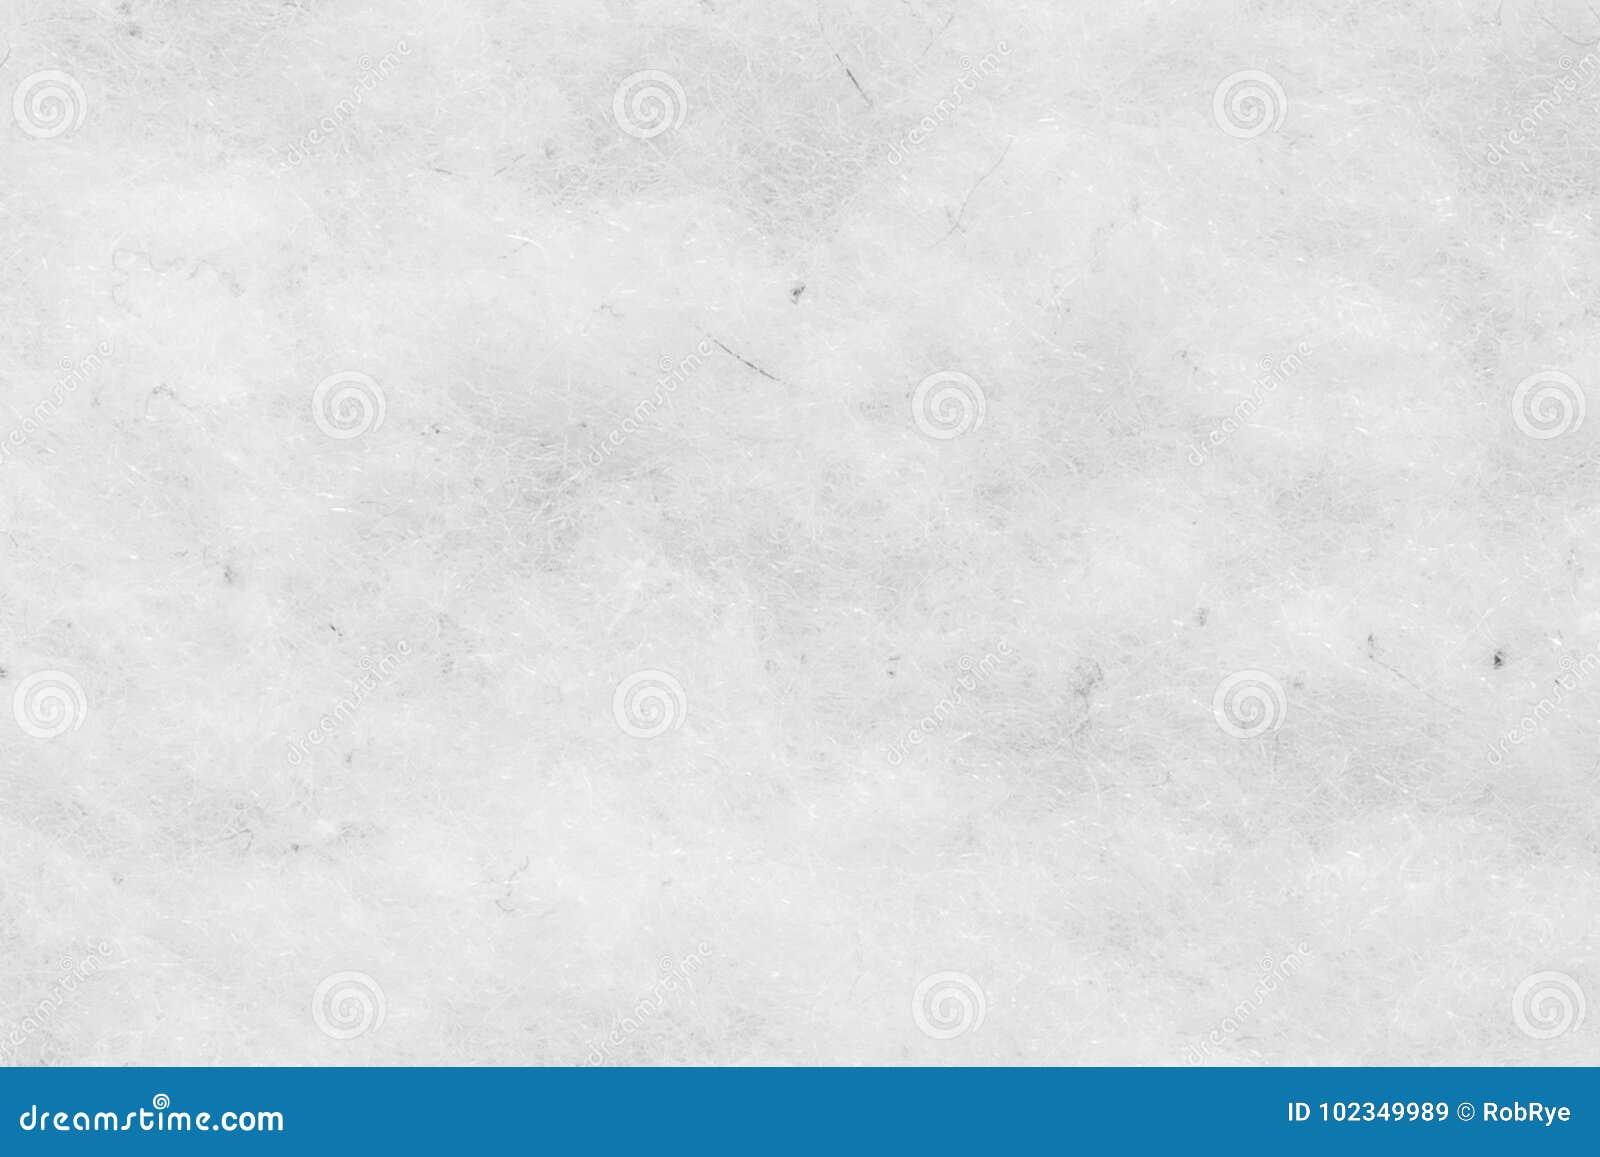 La Texture Blanche De Tapis De Laine Avec Les Modeles Naturels Peut